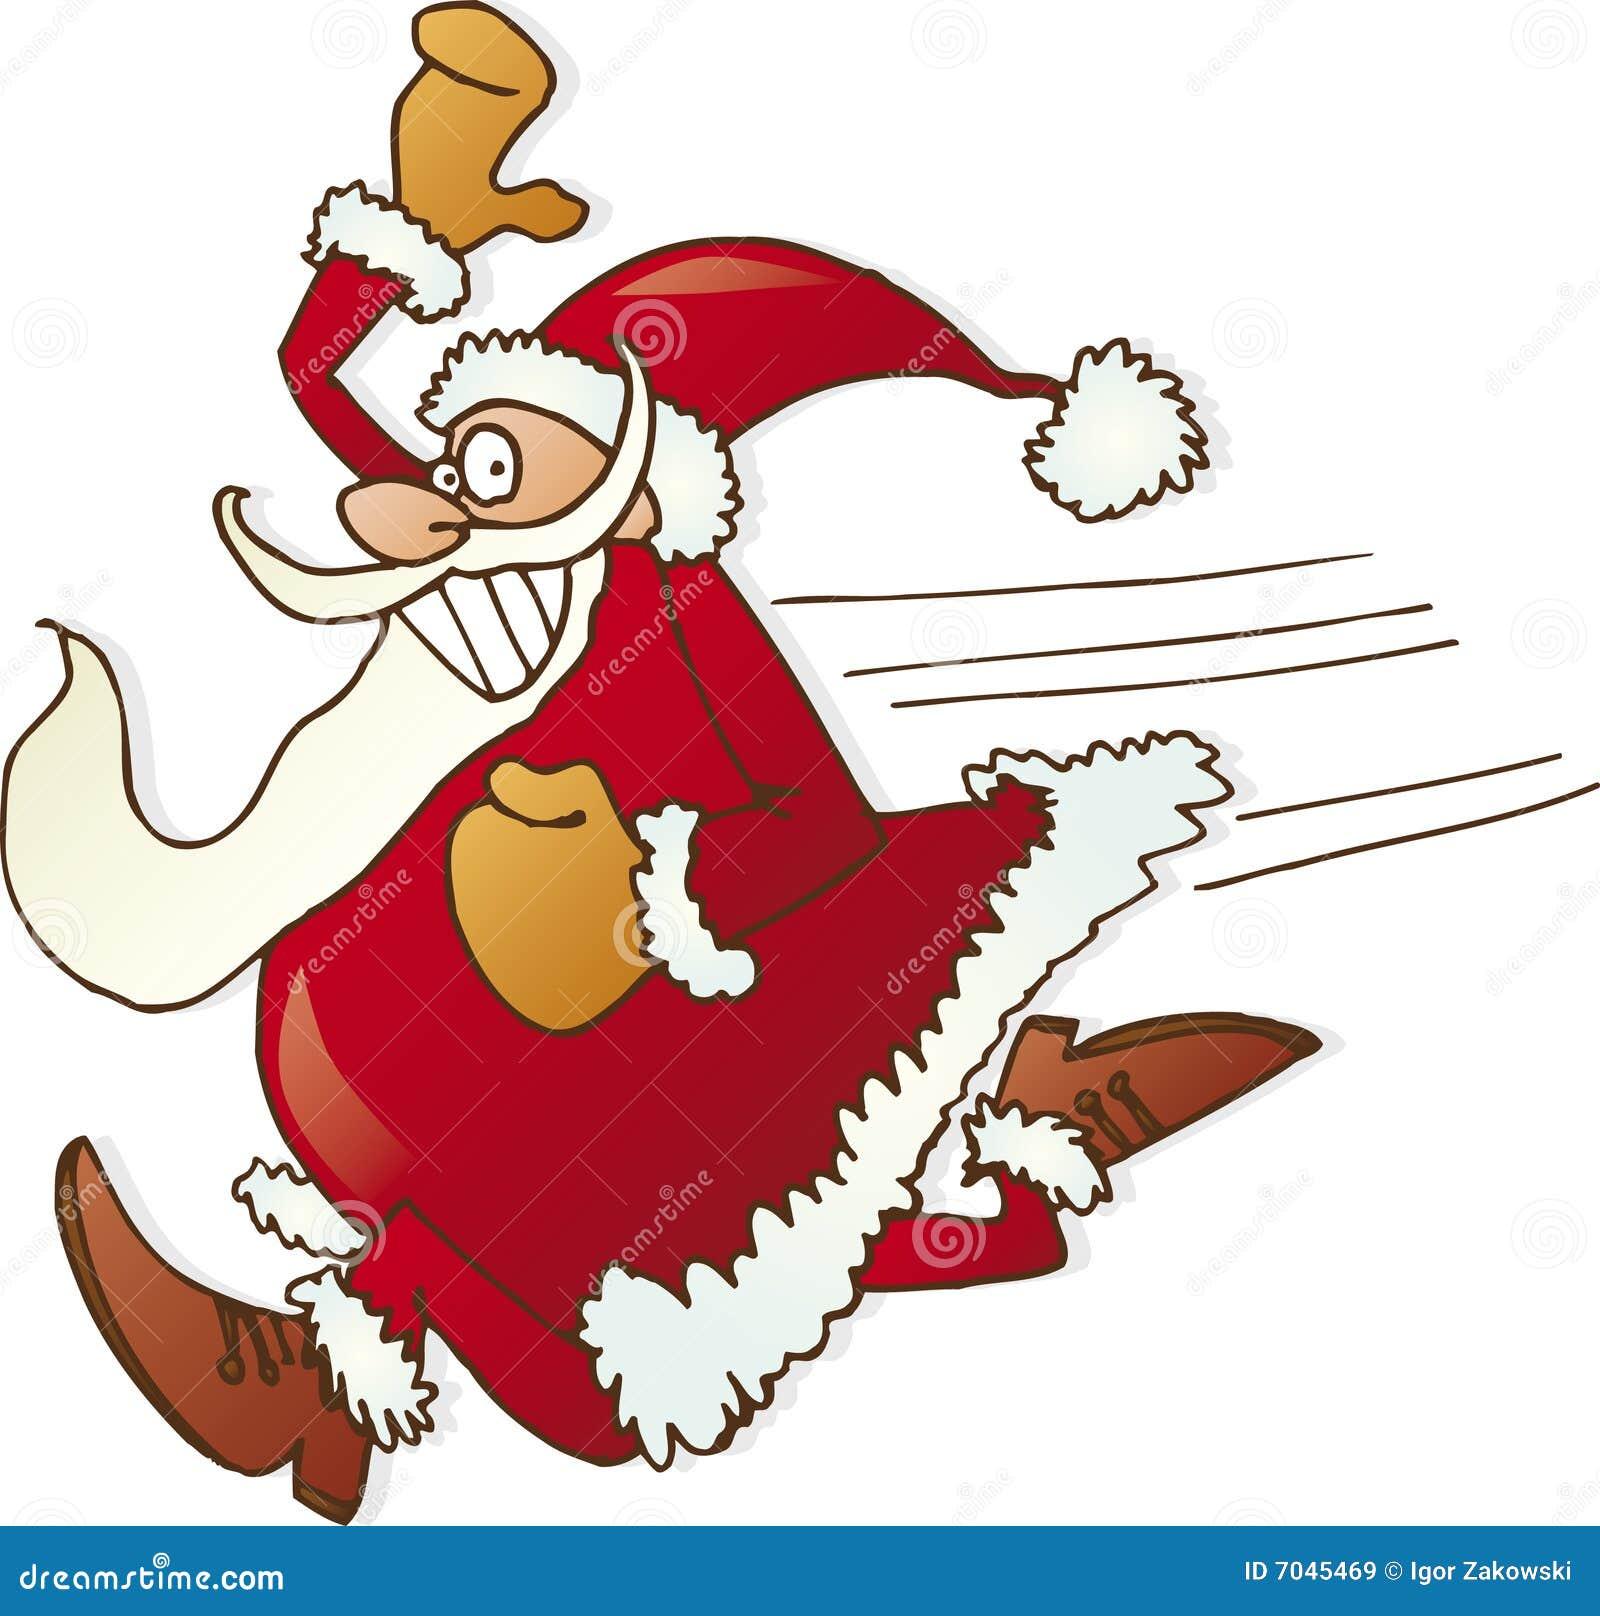 Royalty Free Stock Images  Running santa clausSanta Jogging